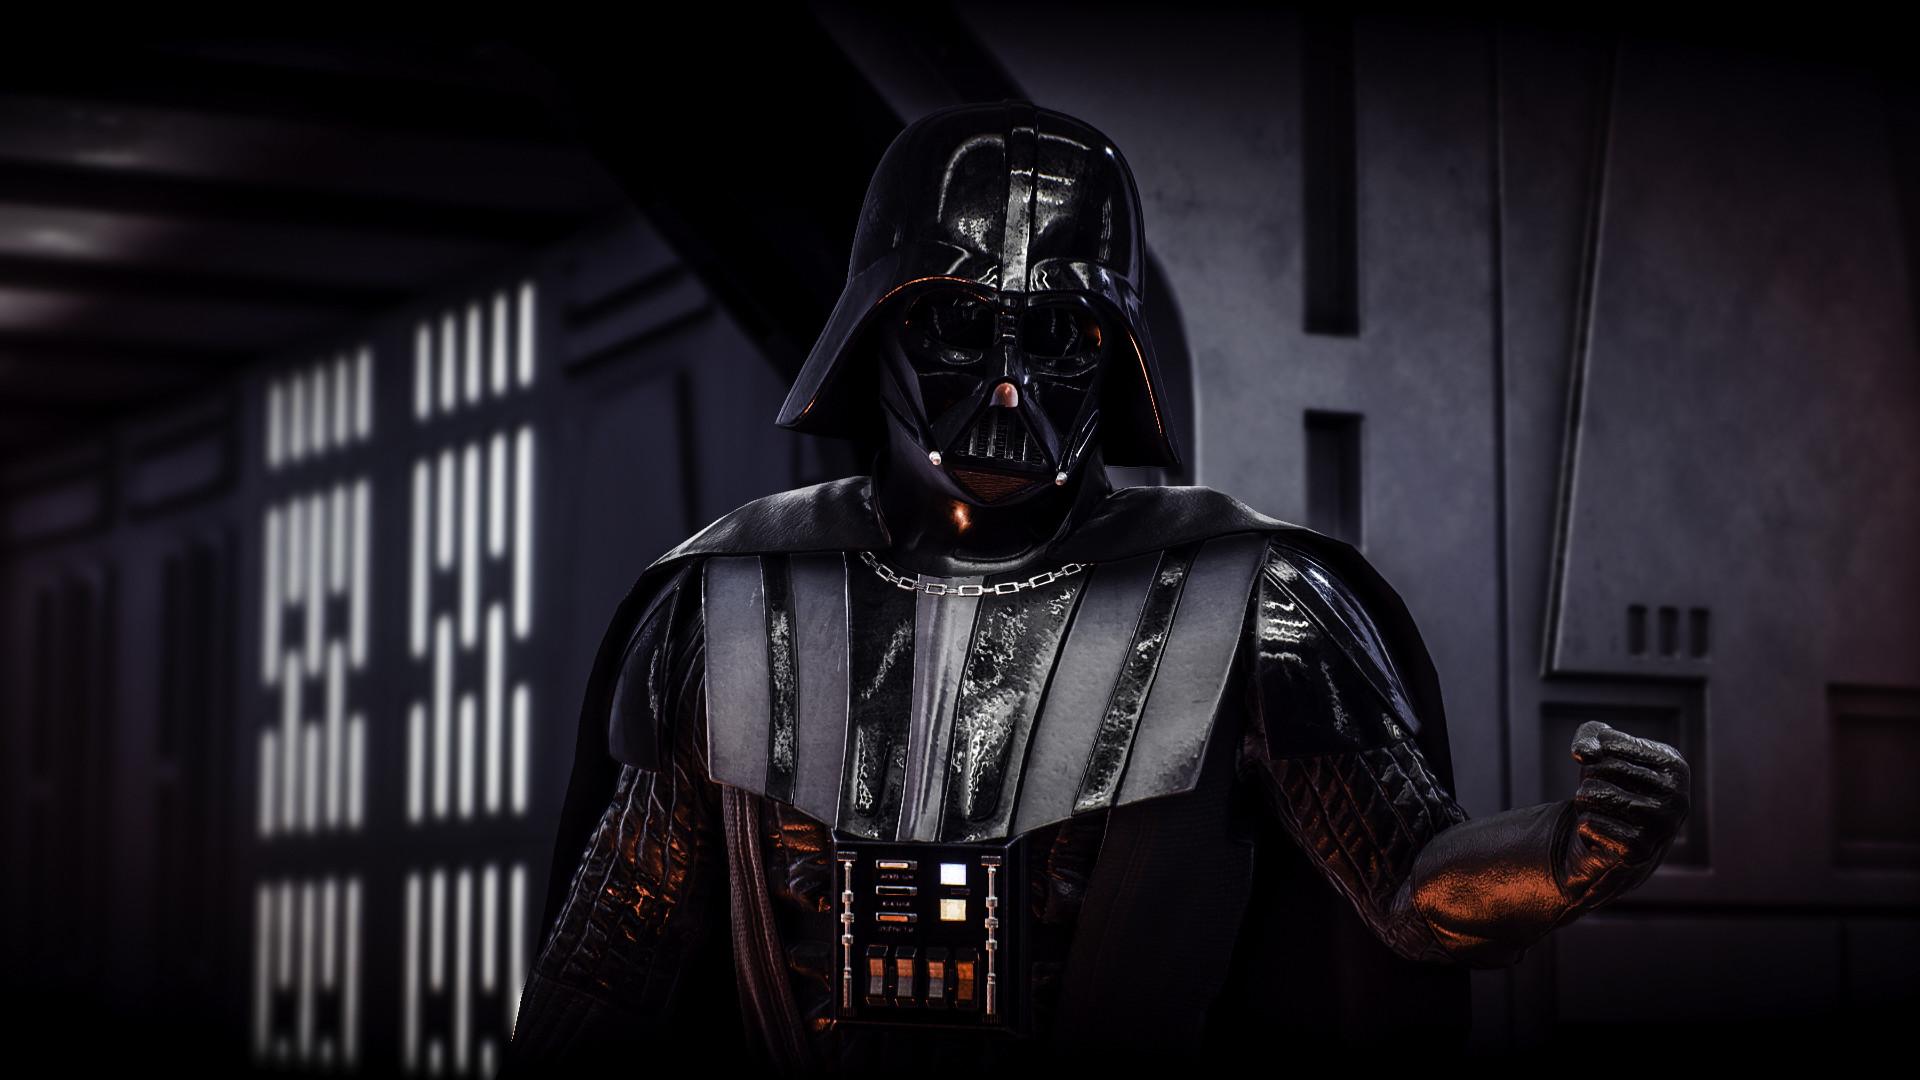 Charlie Ellis Star Wars Battlefront 2 Wallpapers